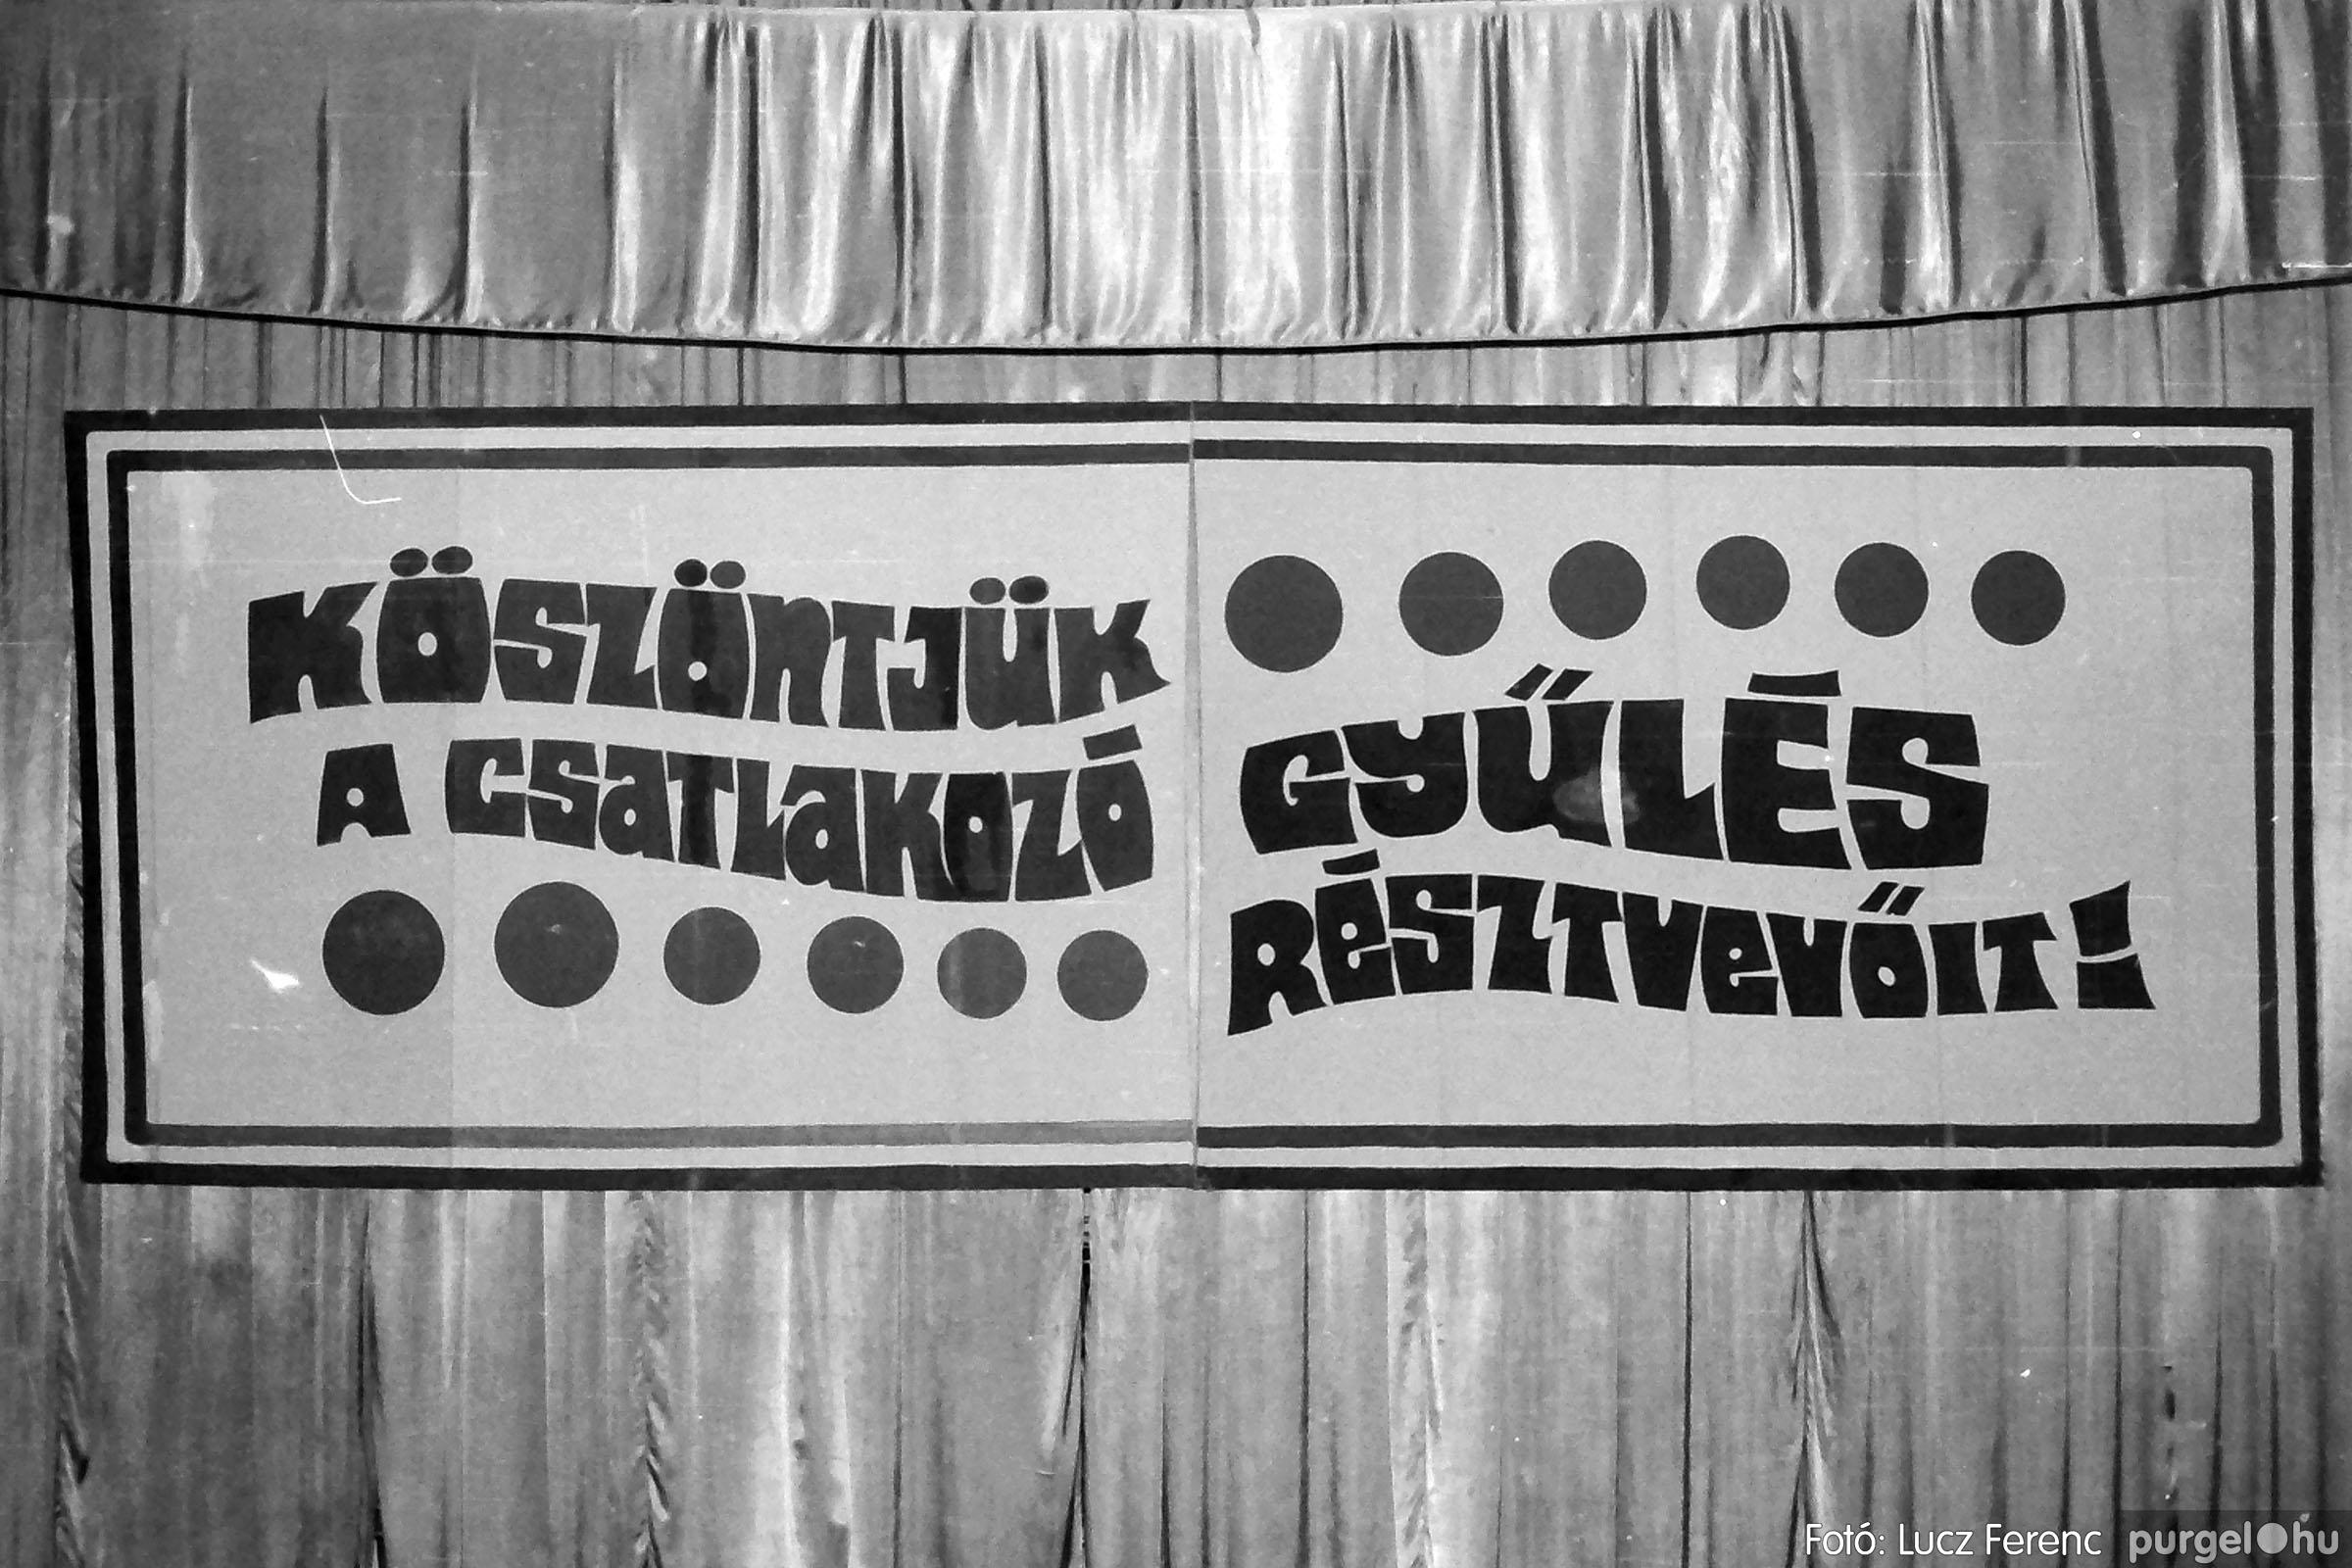 016 1975. Csatlakozó gyűlés a kultúrházban 001 - Fotó: Lucz Ferenc IMG00174.JPG